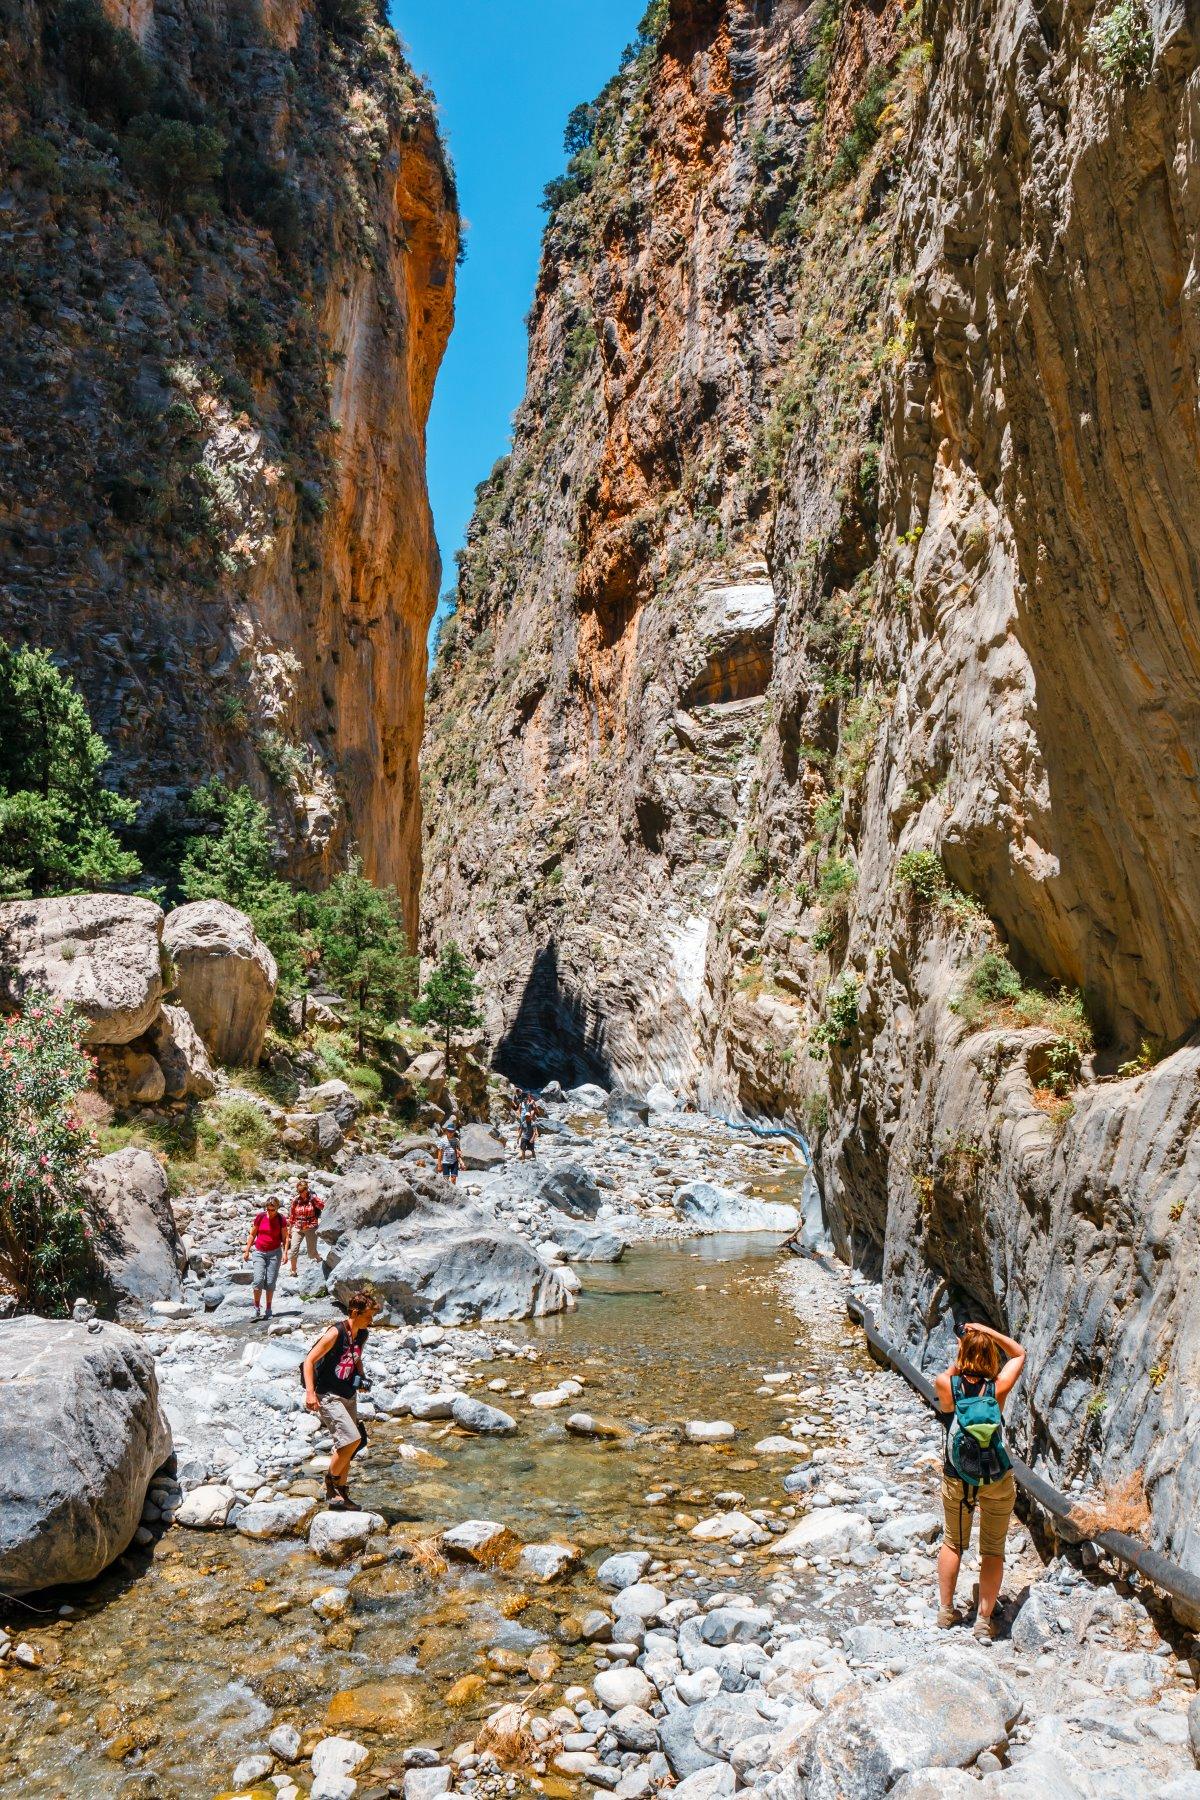 Φαράγγι Σαμαριάς Κρήτη δημοφιλής προορισμός τουριστών